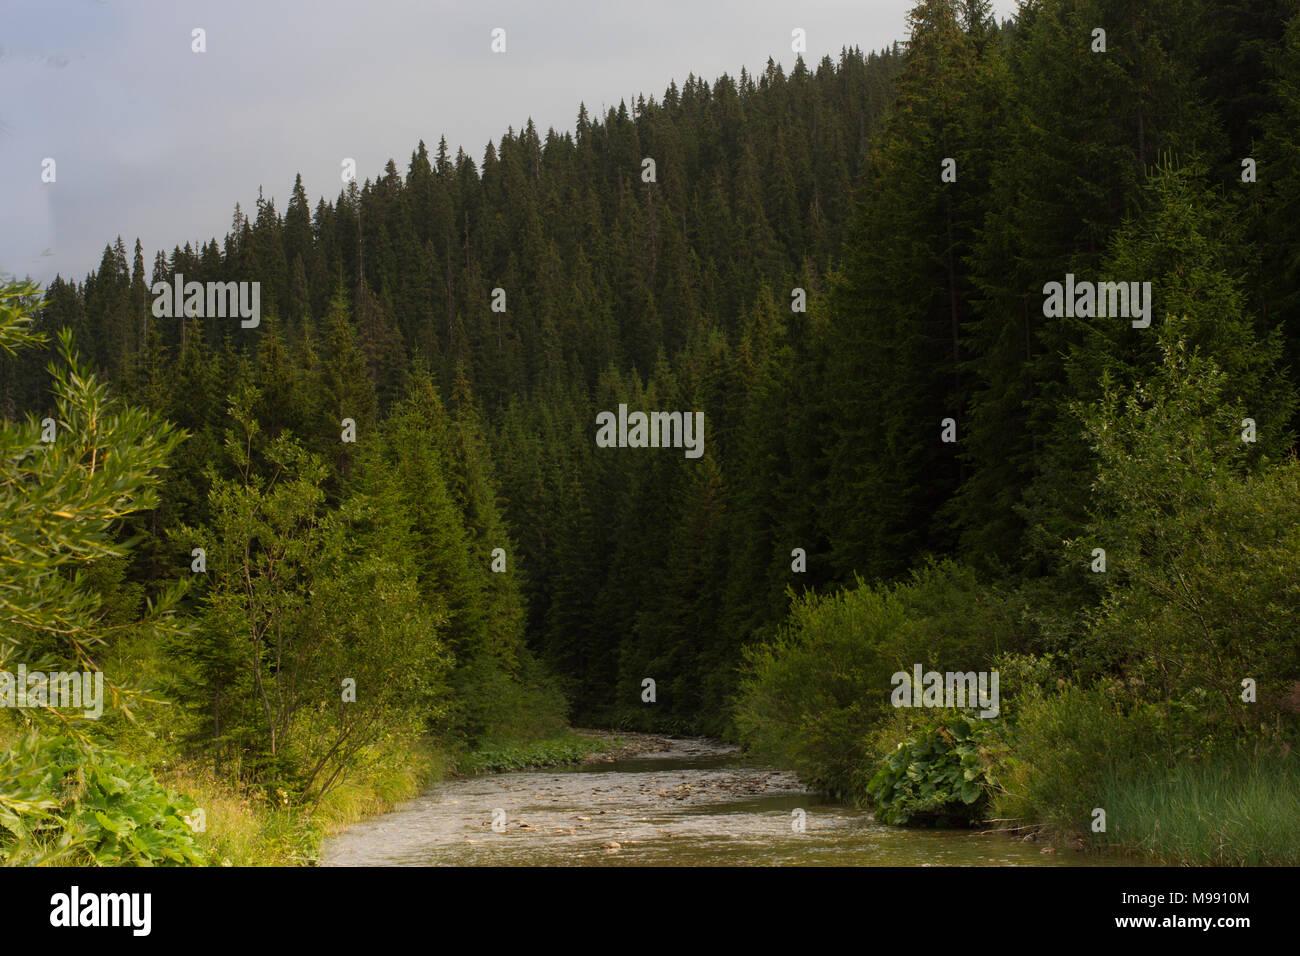 Forêt de sapins dans les Carpates ukrainiennes. Les écosystèmes durables Photo Stock